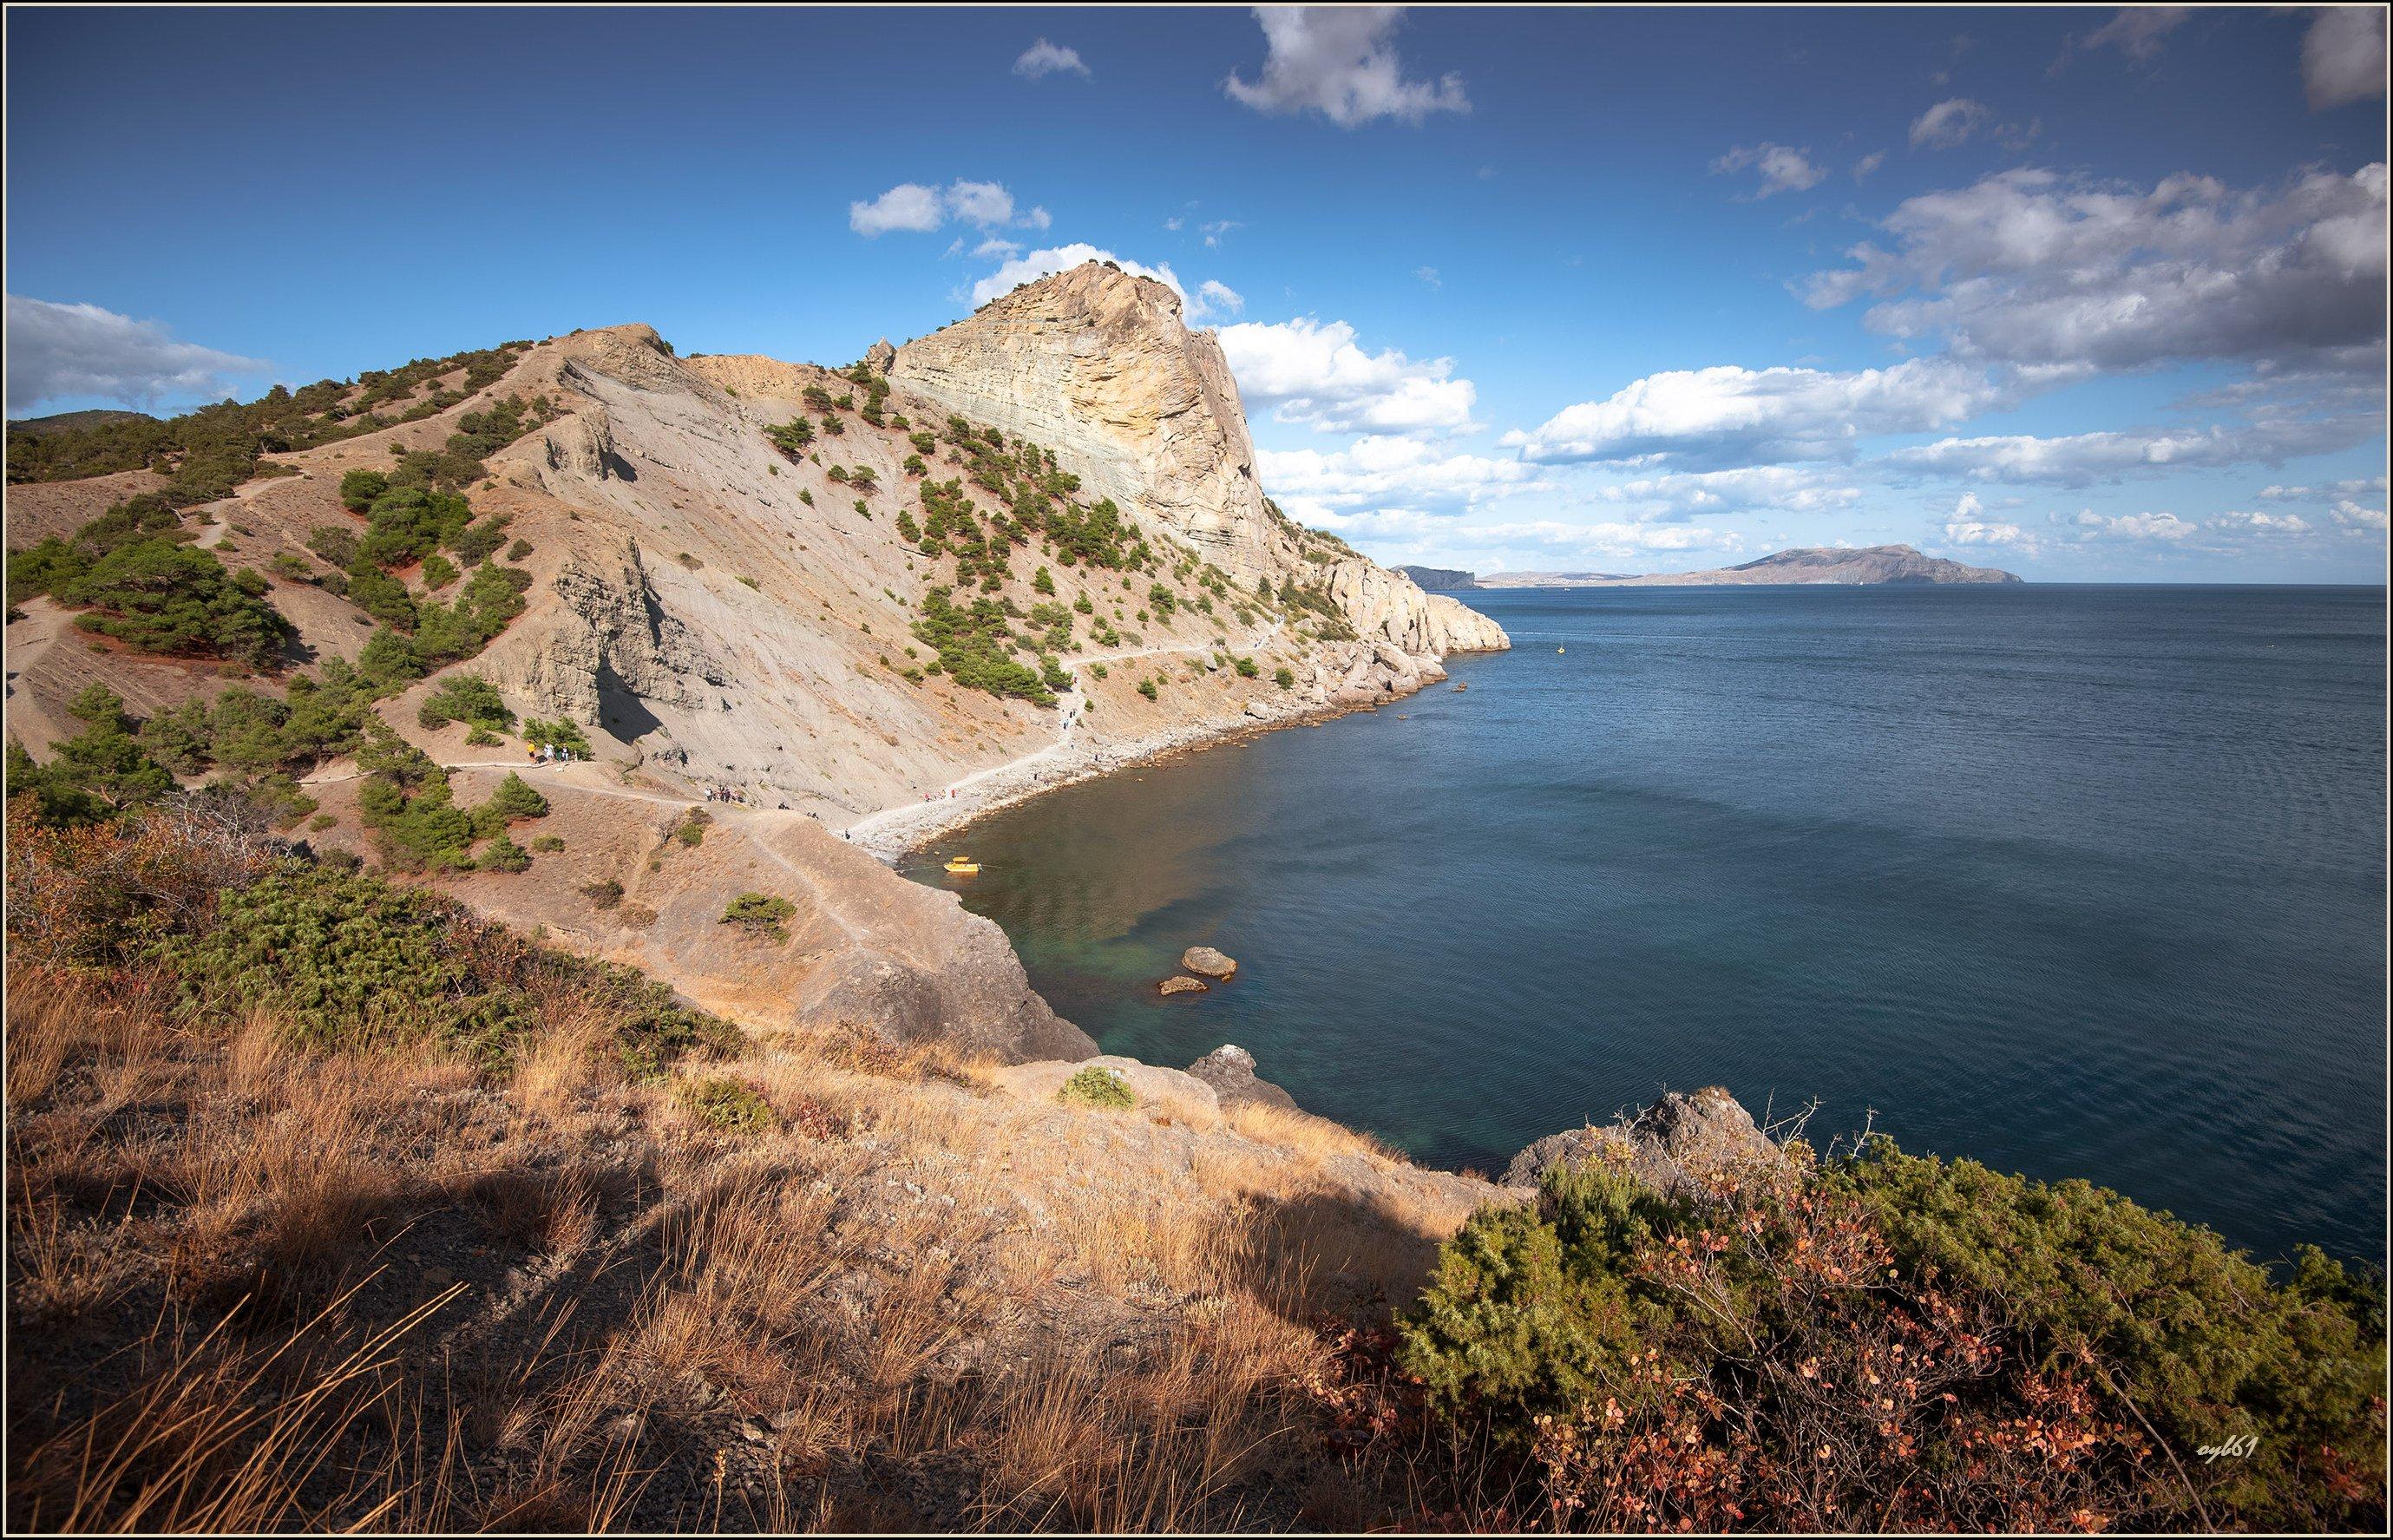 черноморское побережье крыма фото кого-то